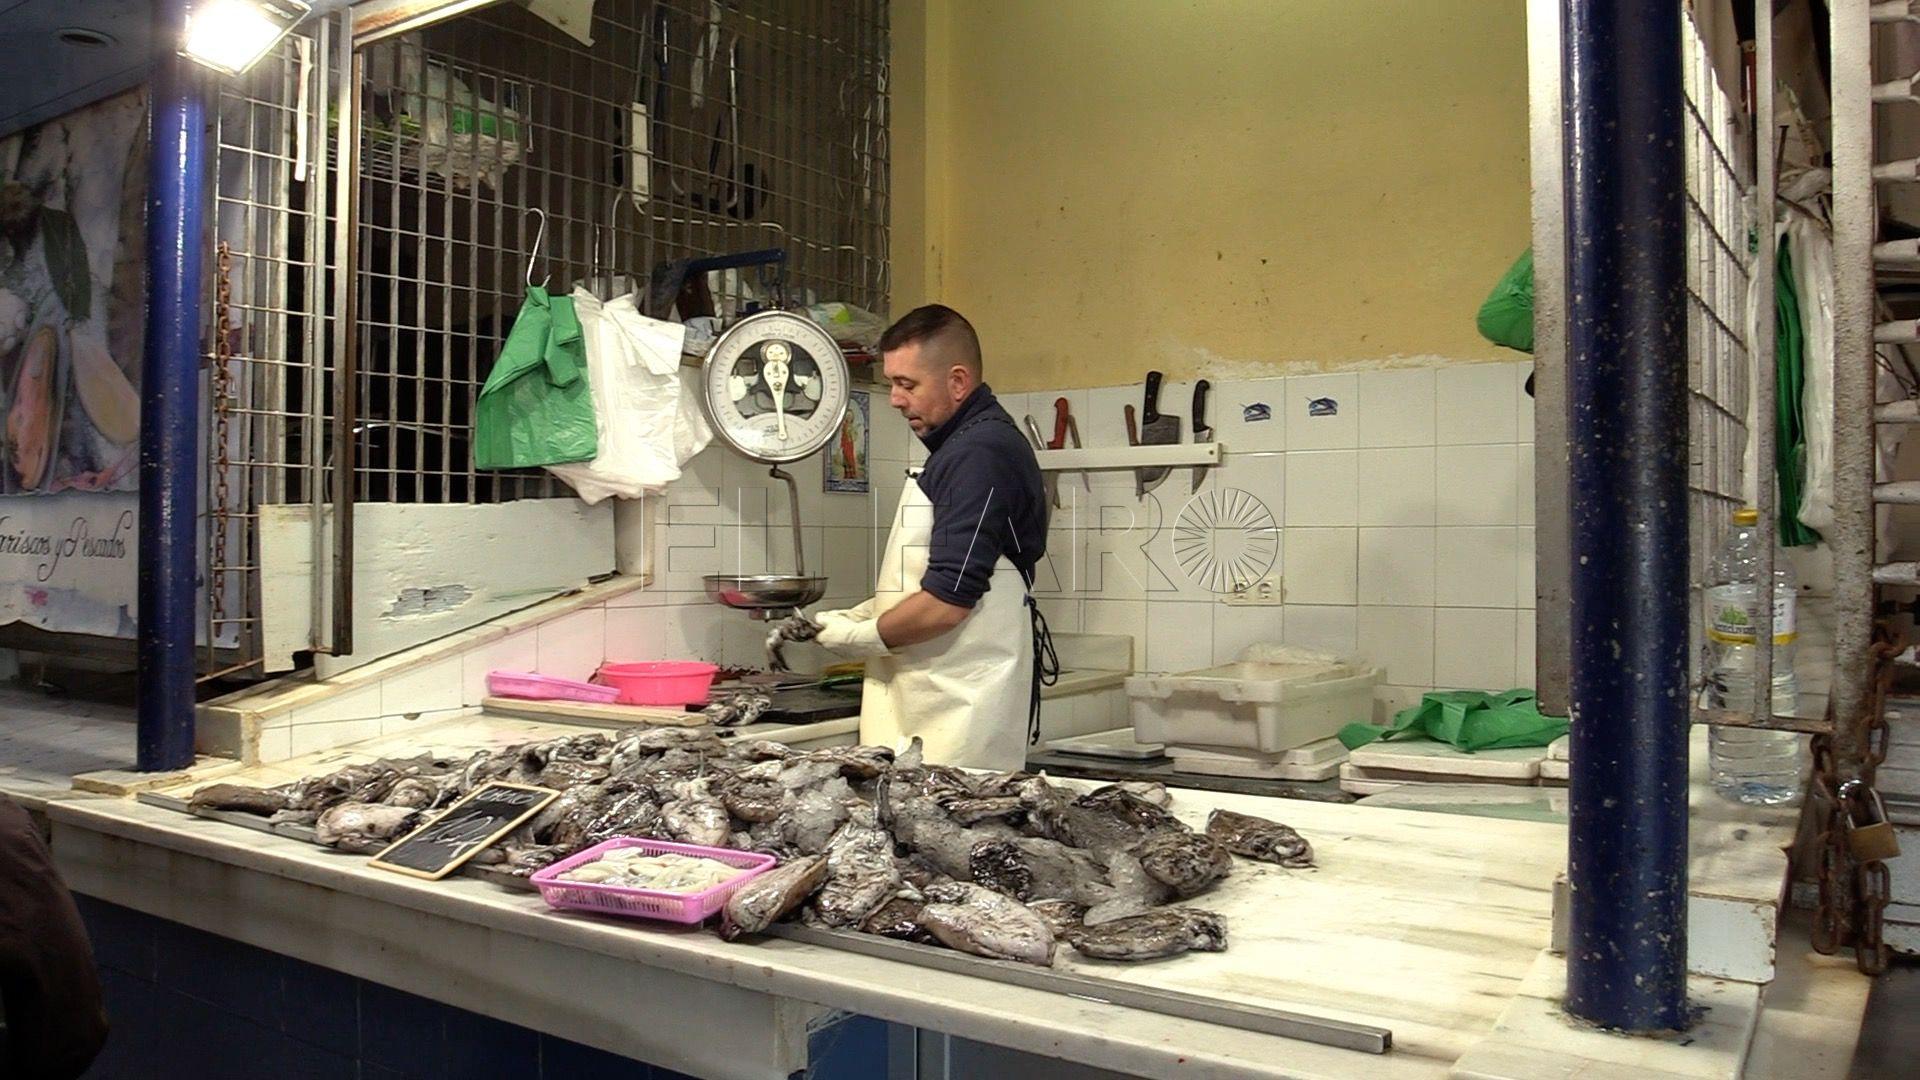 mercado-central-pescado-miercoles